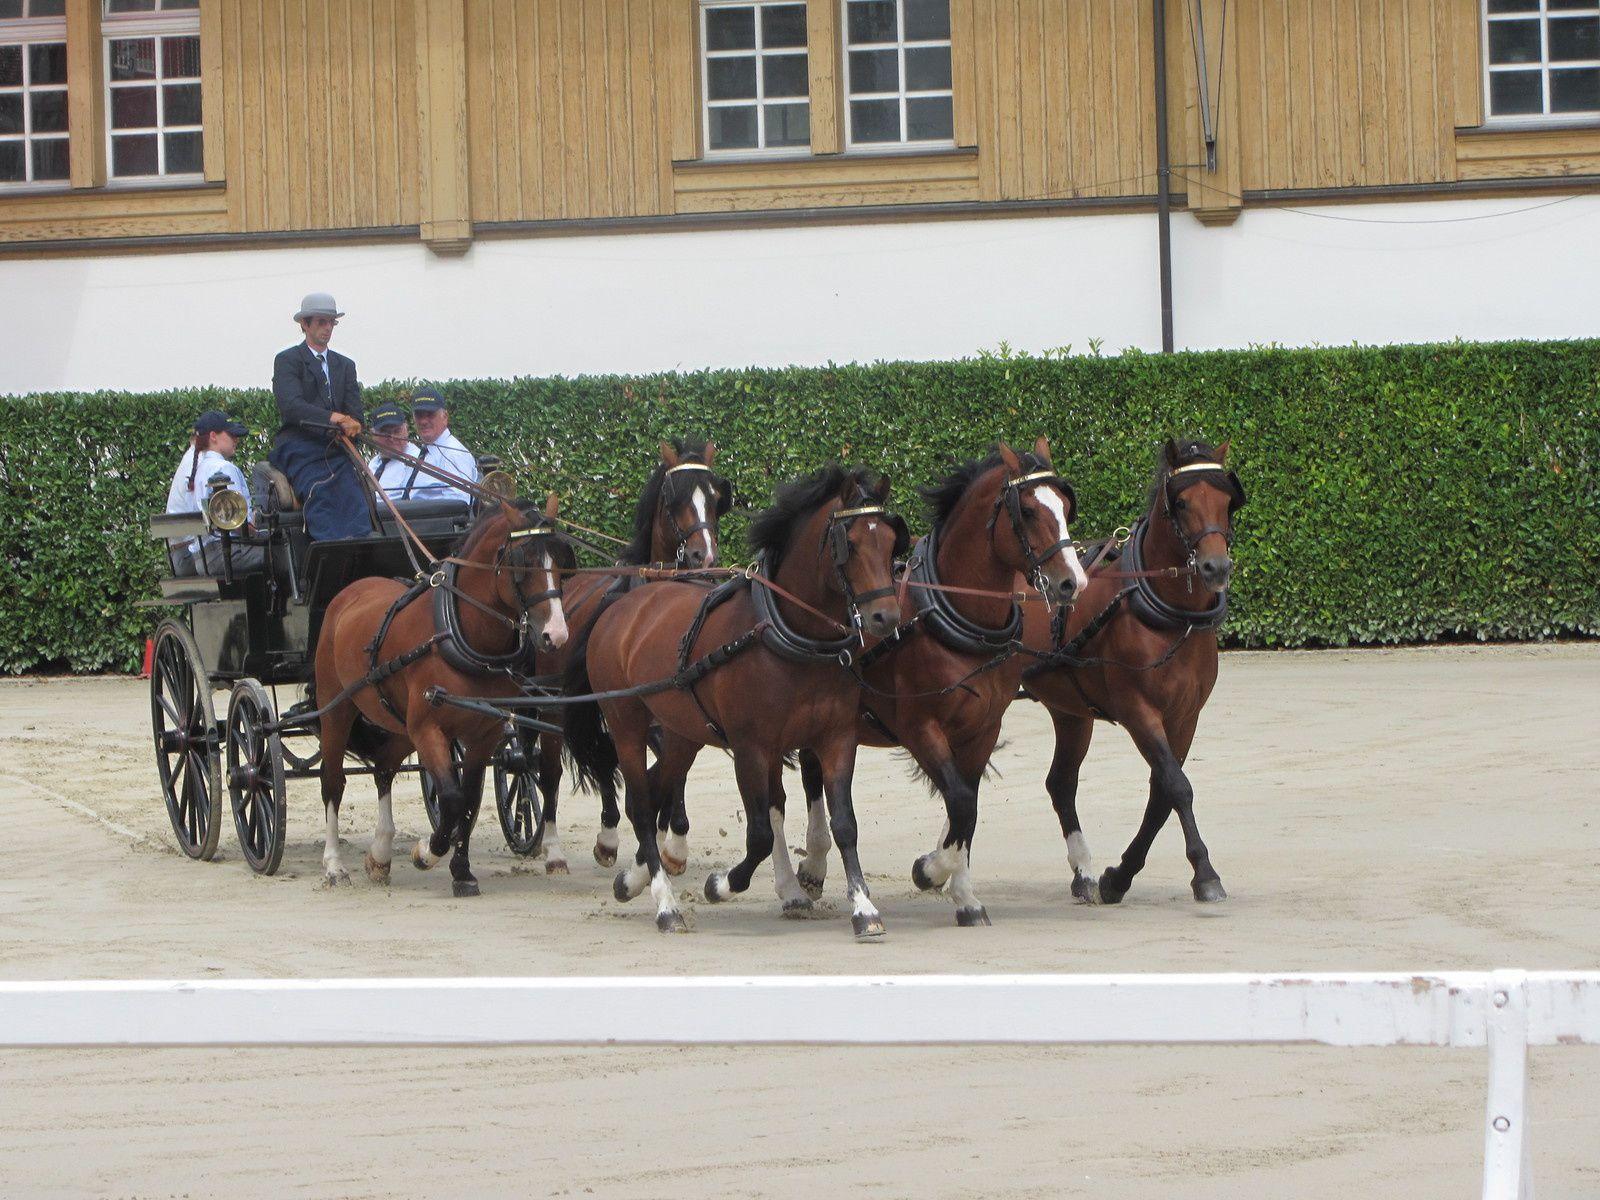 en août, on va à Avenches pour voir les chevaux